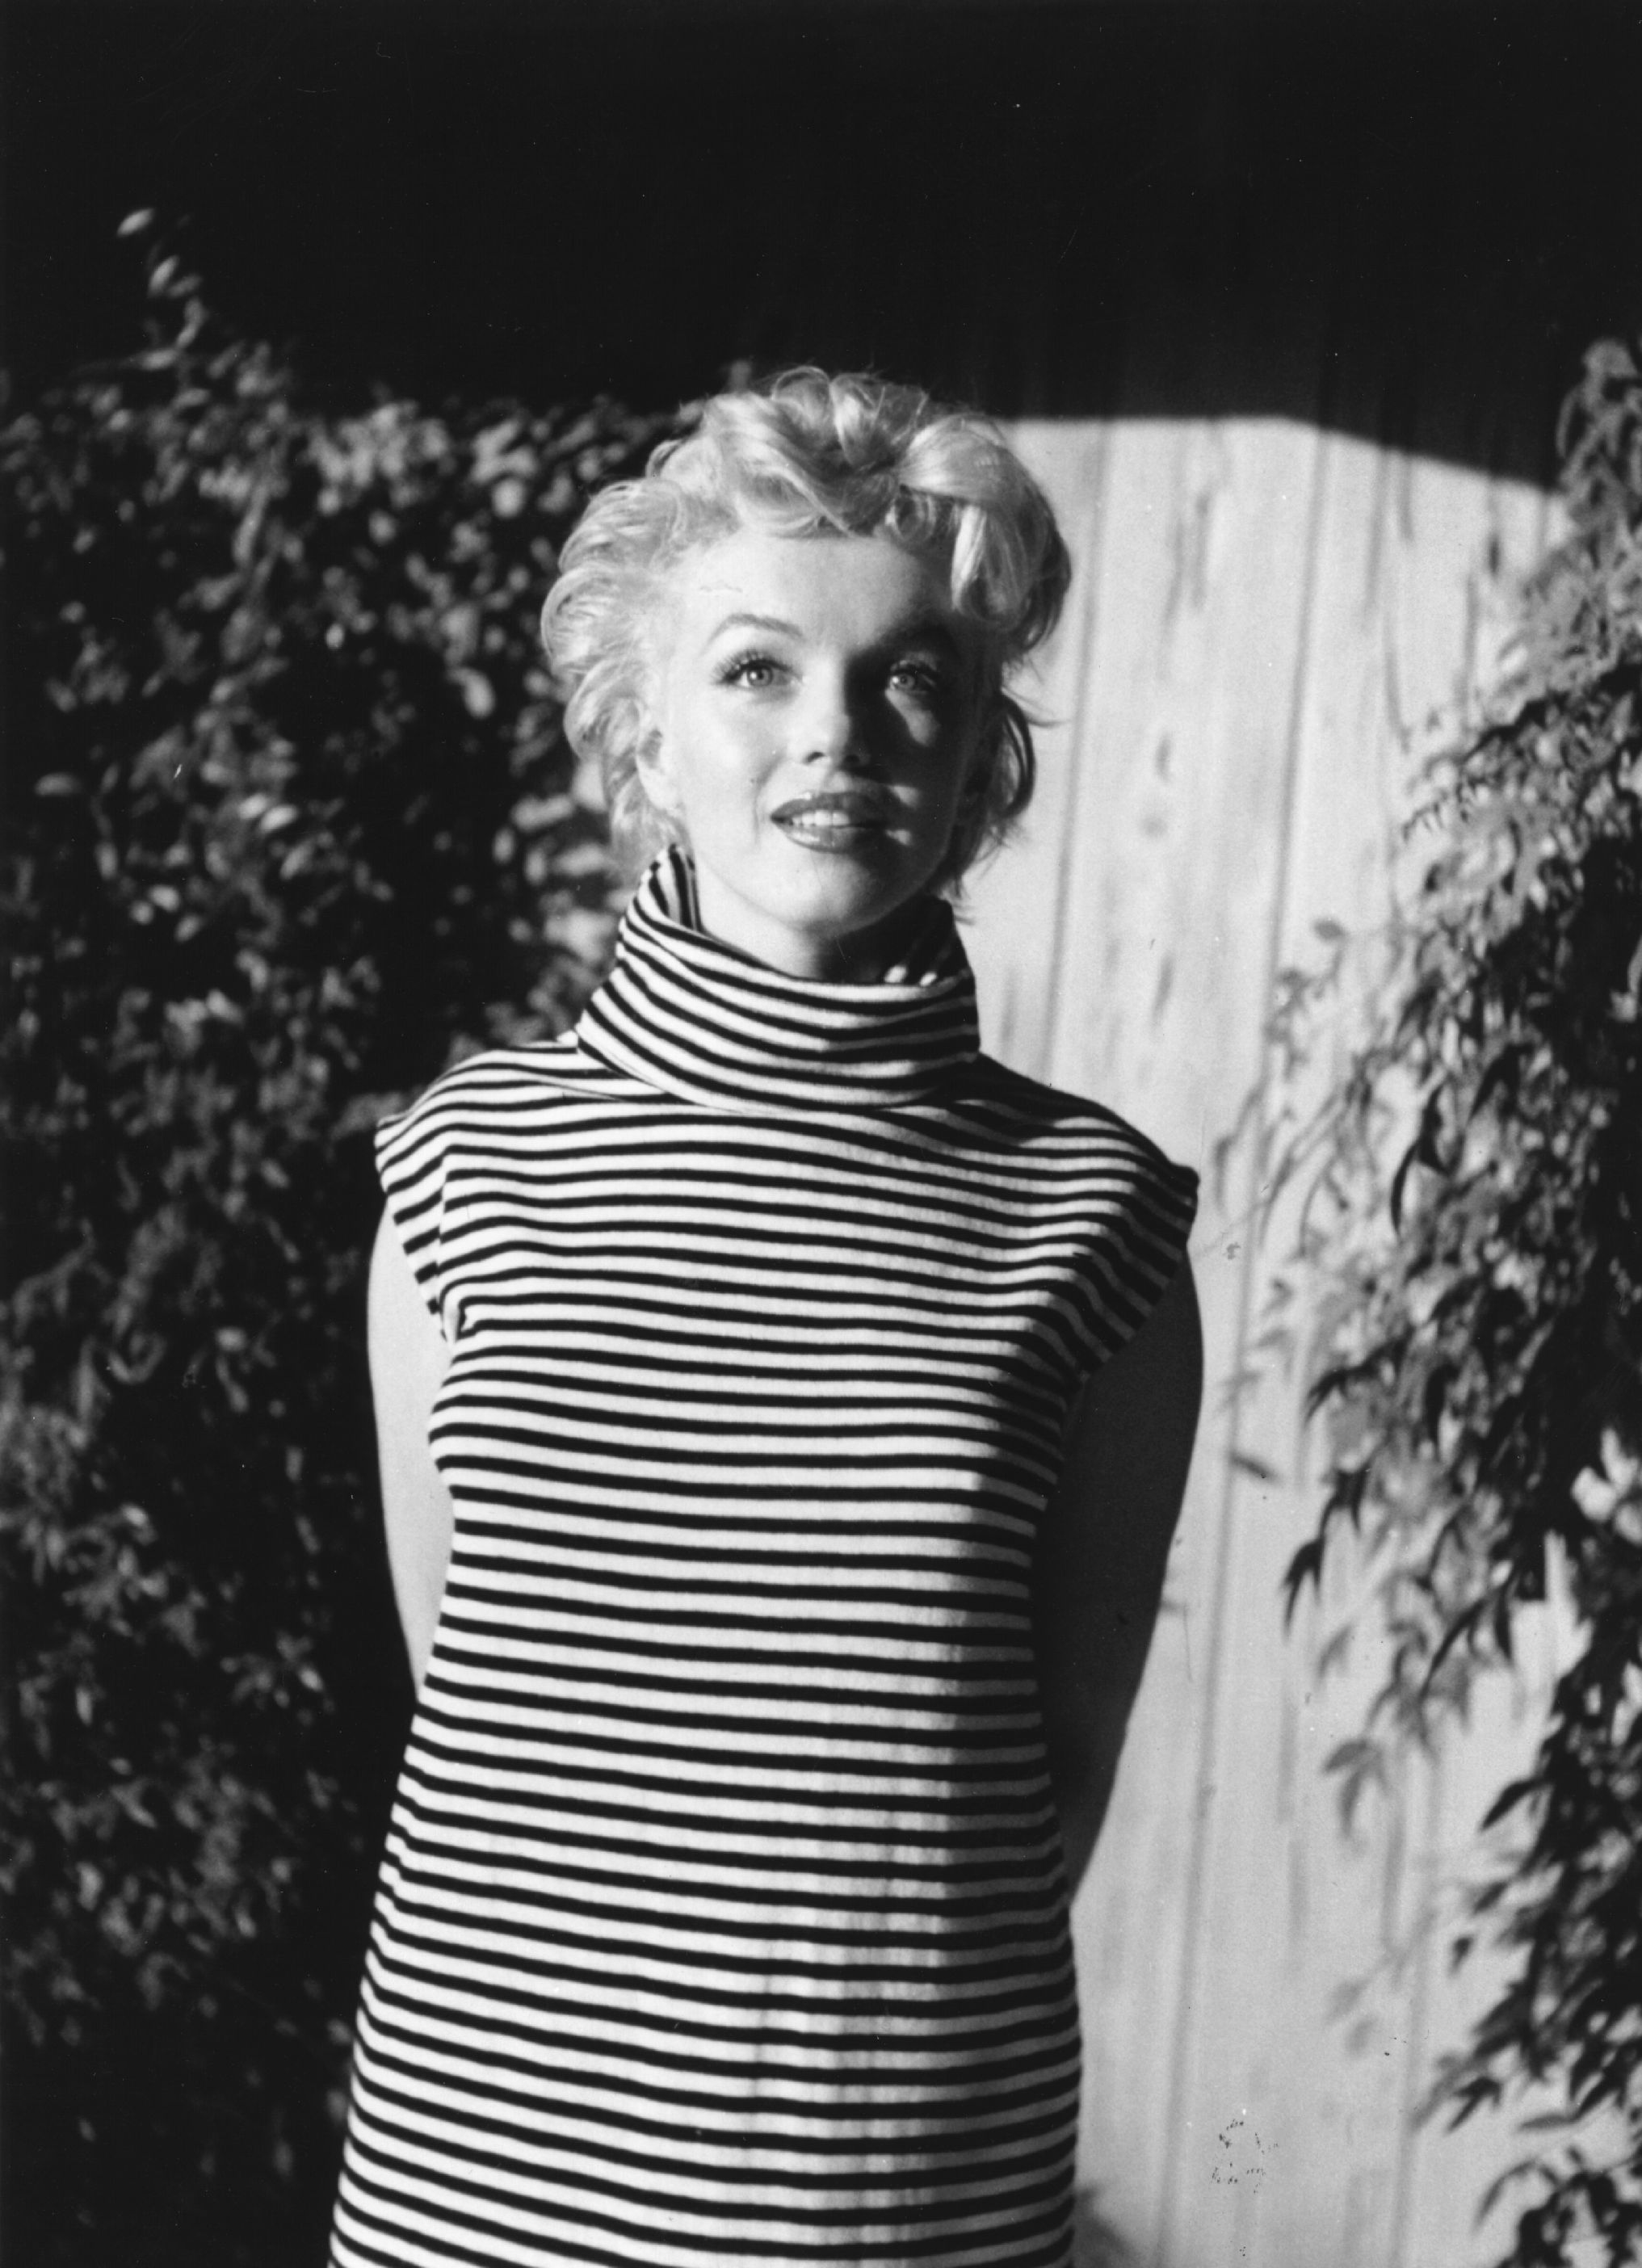 Мерилин Монро е безспорно легенда в много отношения. Тя е модел за подражание на не малко млади жени. Известна не само с филмите си, но и с изключителната си красота, финес и женственост, които са пленявали мъжете.